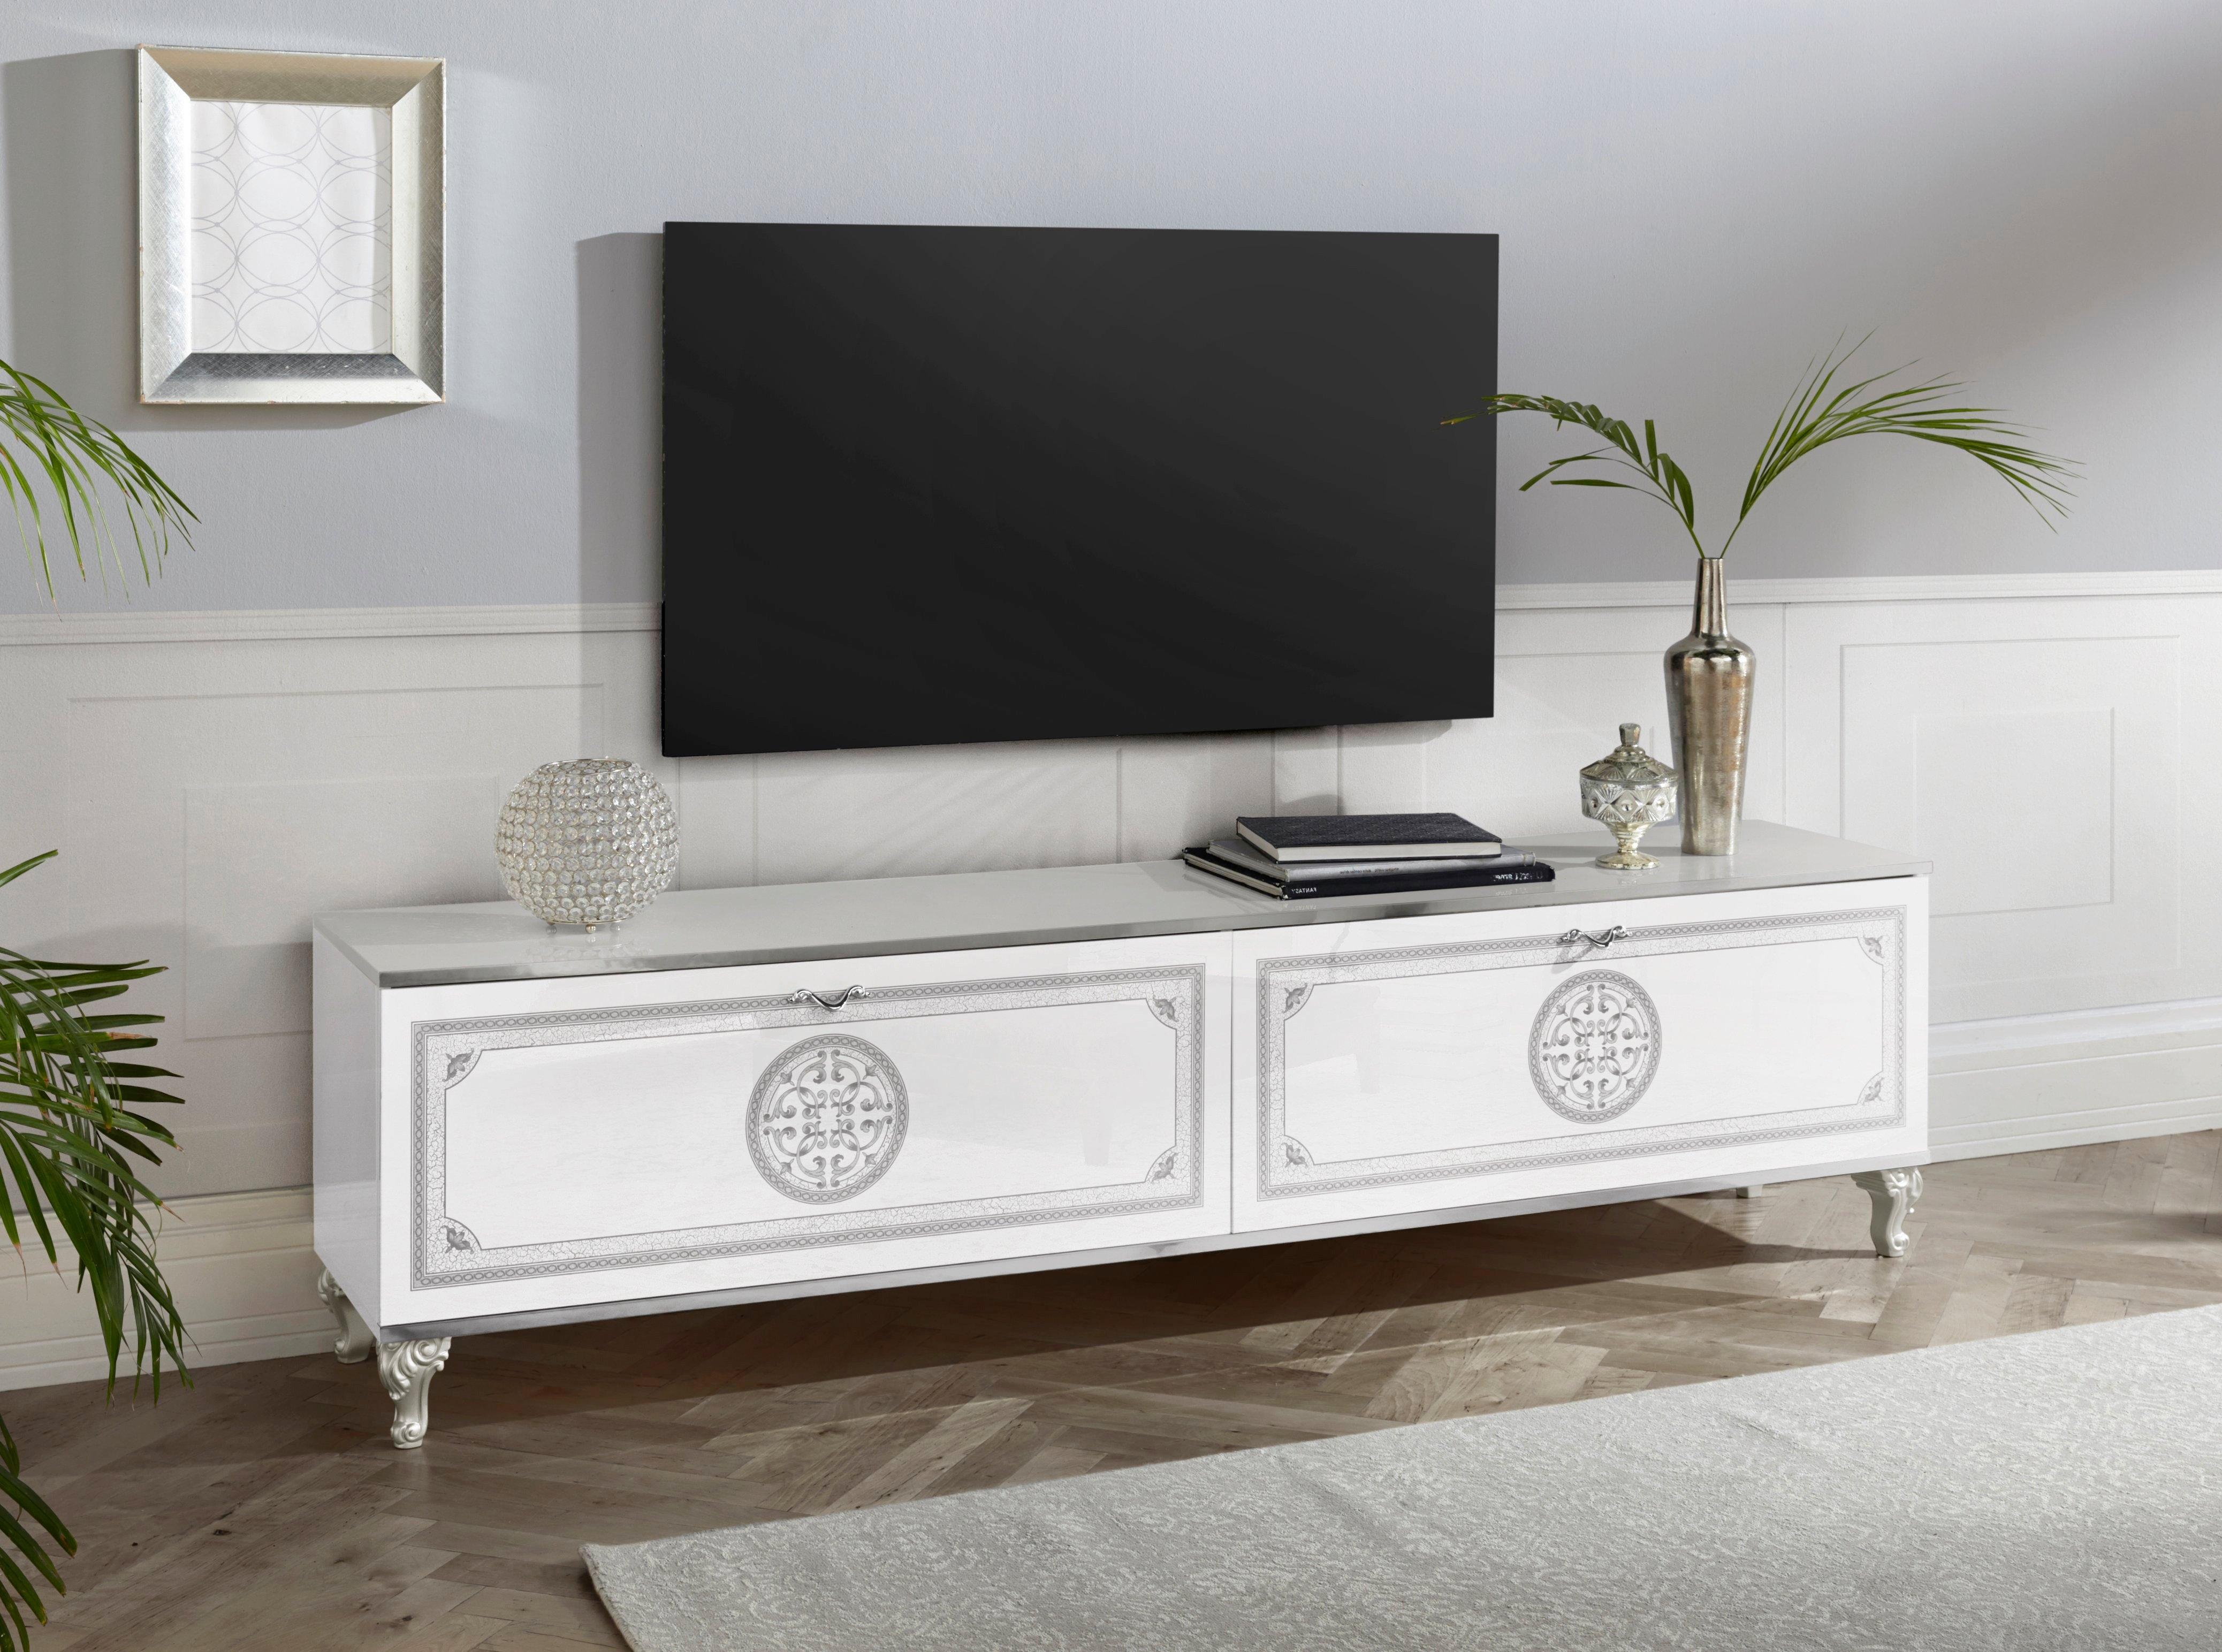 KITALY tv-meubel CONTEMPORANEO Breedte 200 cm goedkoop op otto.nl kopen